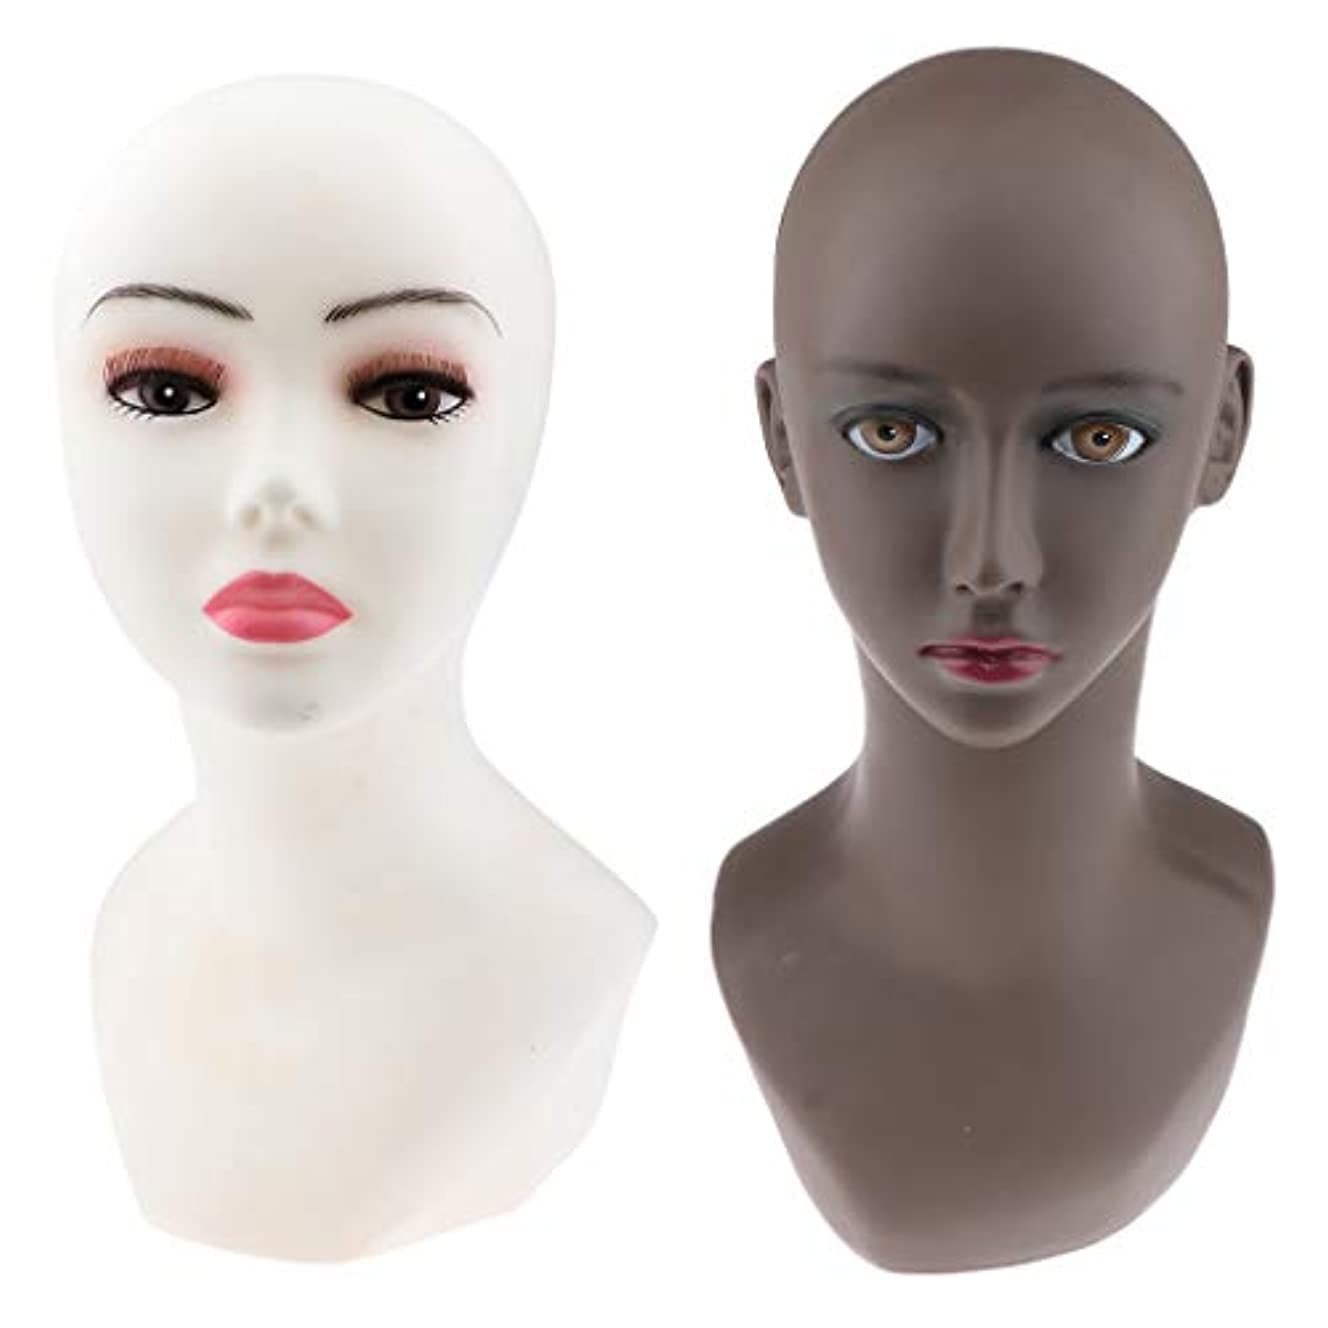 常識社会主義者先見の明T TOOYFUL 2個セット マネキンヘッド 女性 ヘッドモデル PVC製 かつら作成 美容 化粧練習 洋服店 美容院